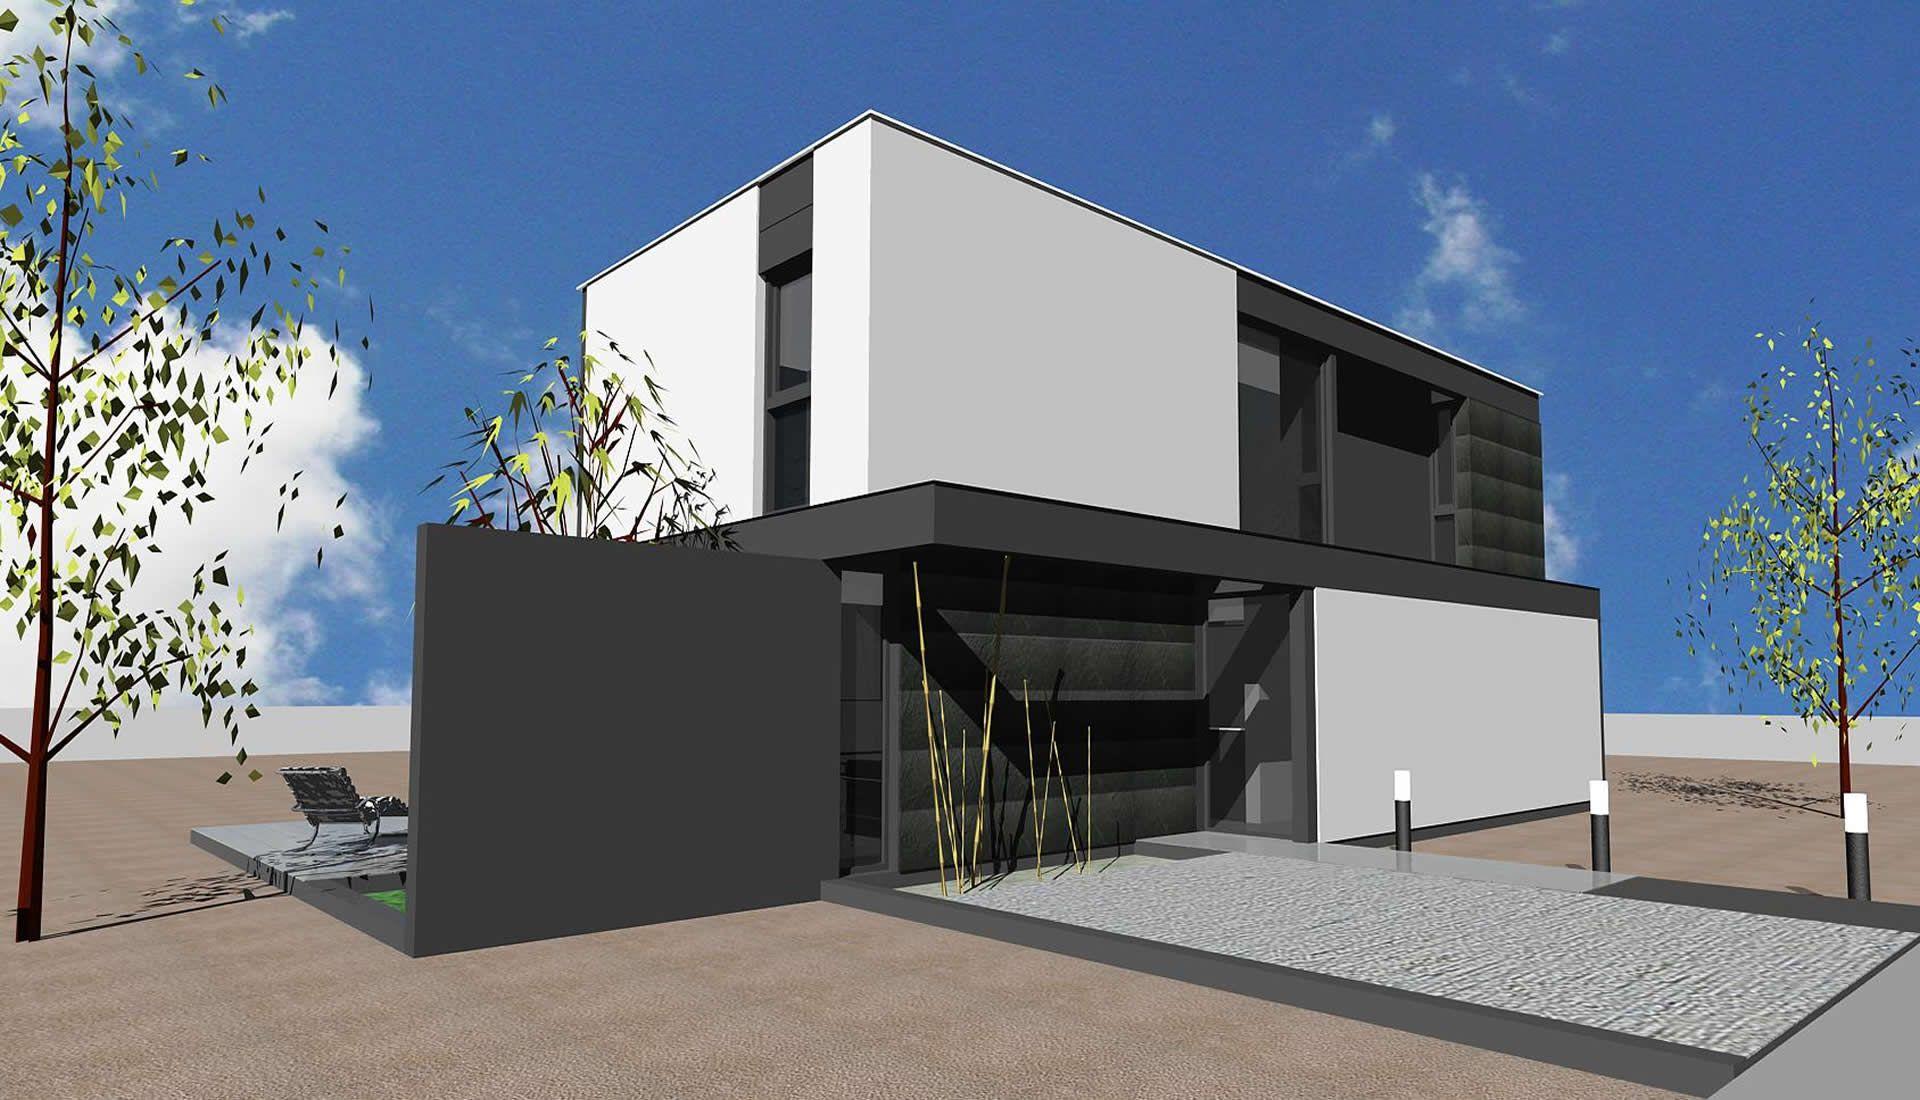 Casas de acero modulares sostenibles y prefabricadas - Viviendas modulares diseno ...